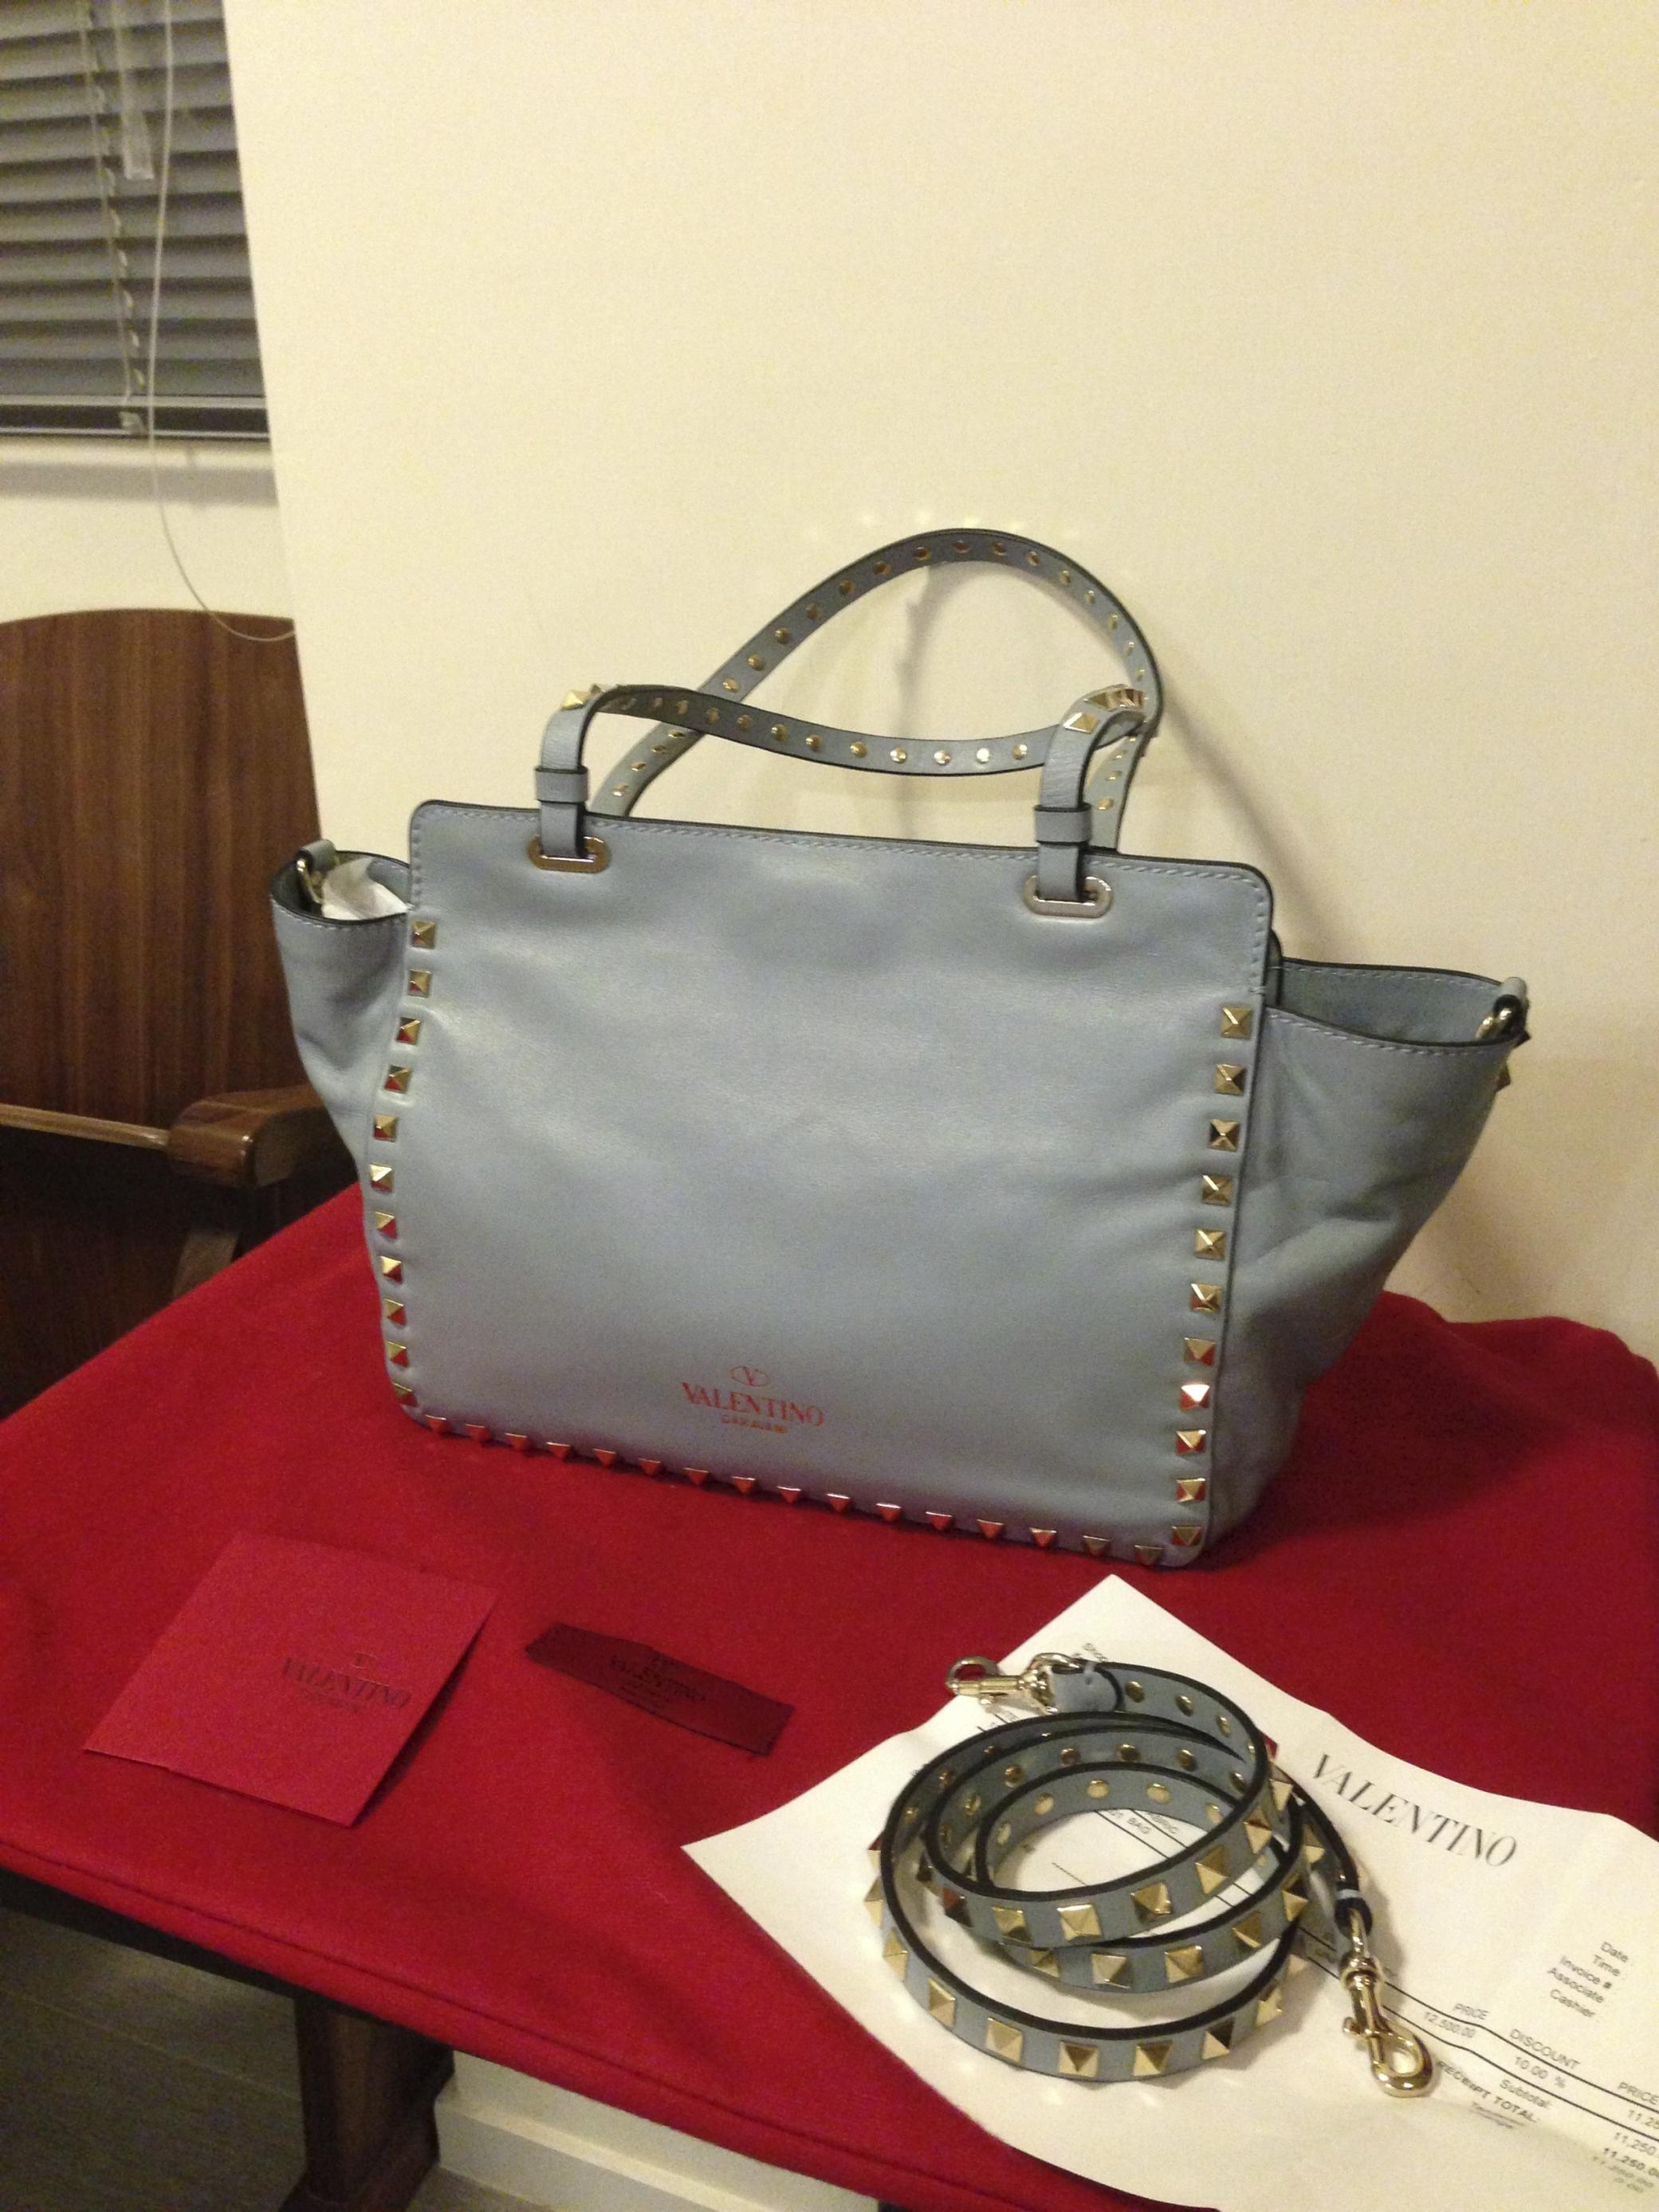 Top Bag Trends des Jahres 2020 - Die besten neuen Taschen des Jahres #handbag trend 2020 #handbag